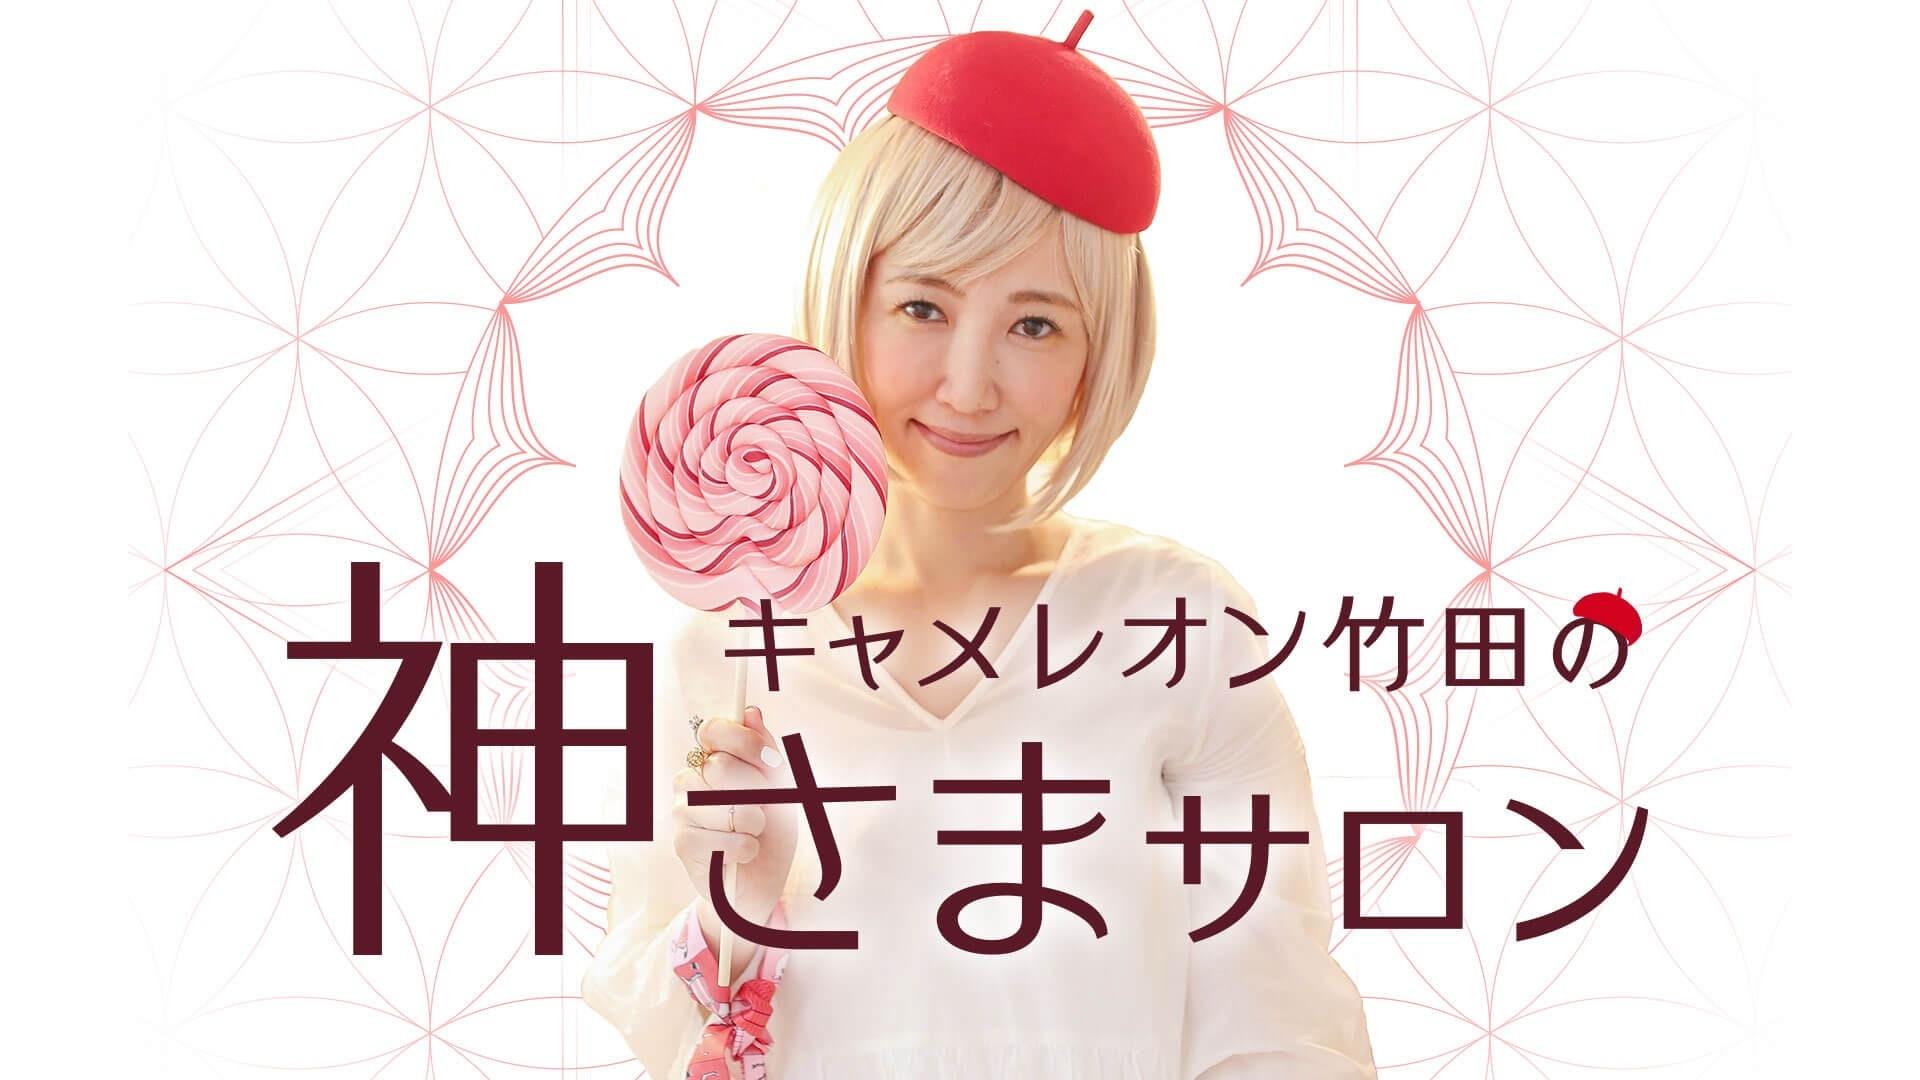 キャメレオン竹田 - キャメレオン竹田の神さまサロン - DMM オンラインサロン